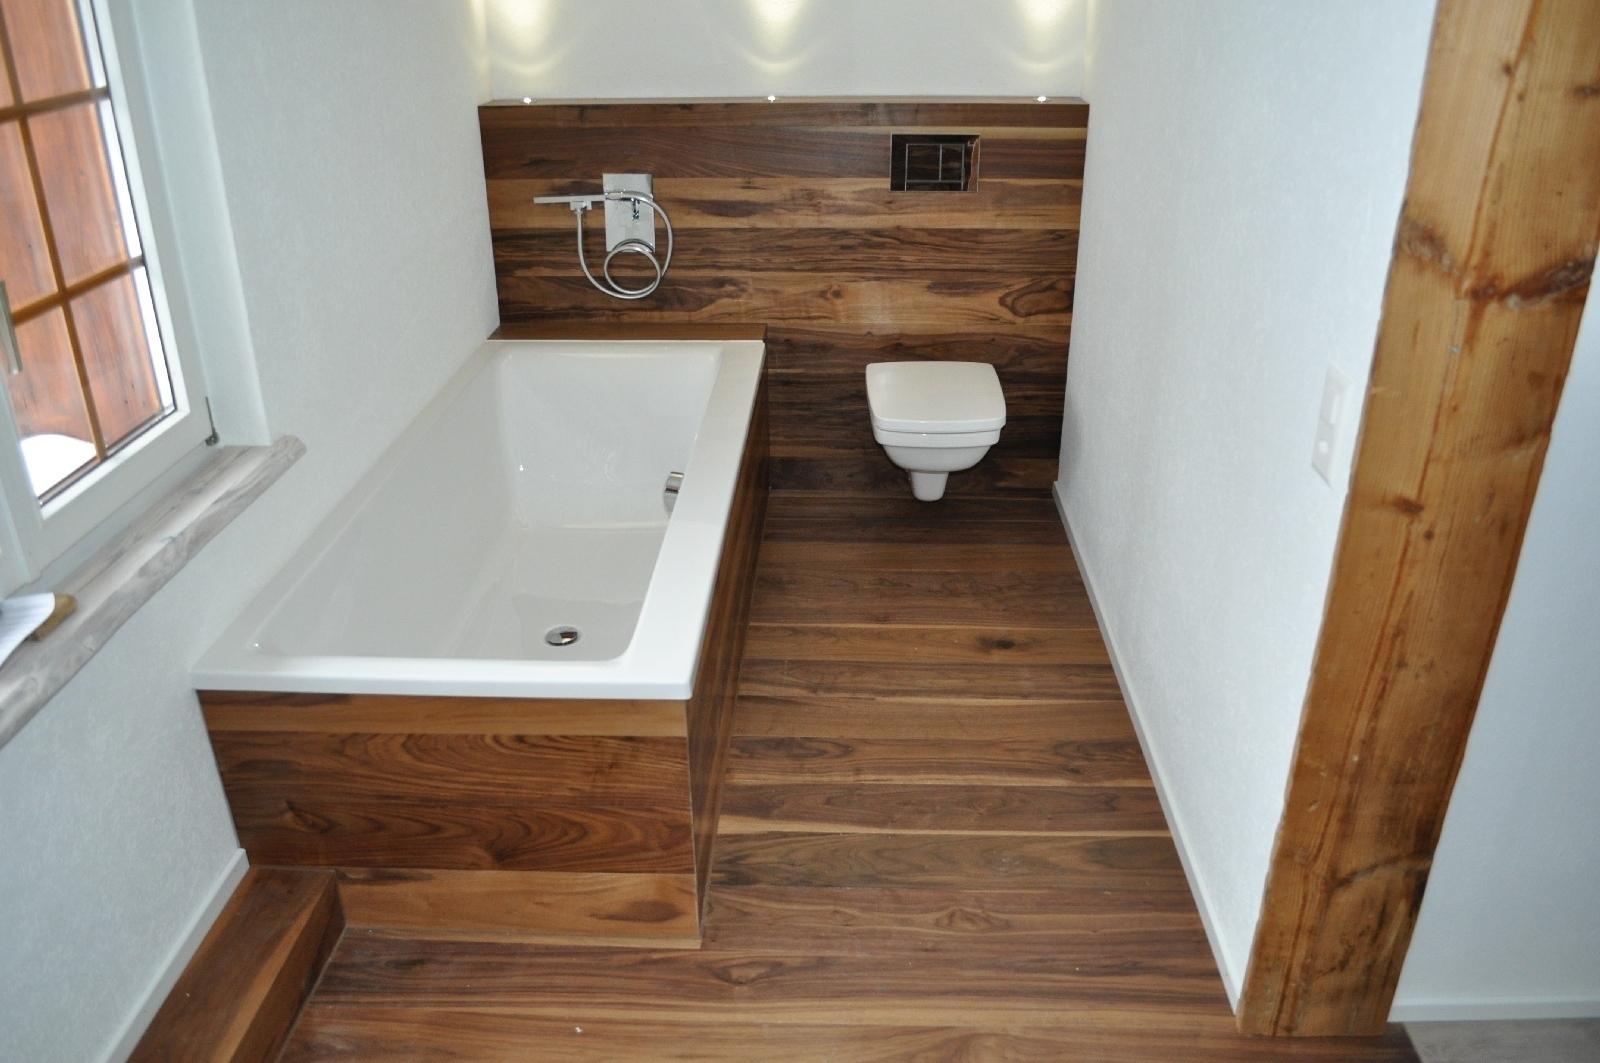 Пол в ванной комнате своими руками в частном доме